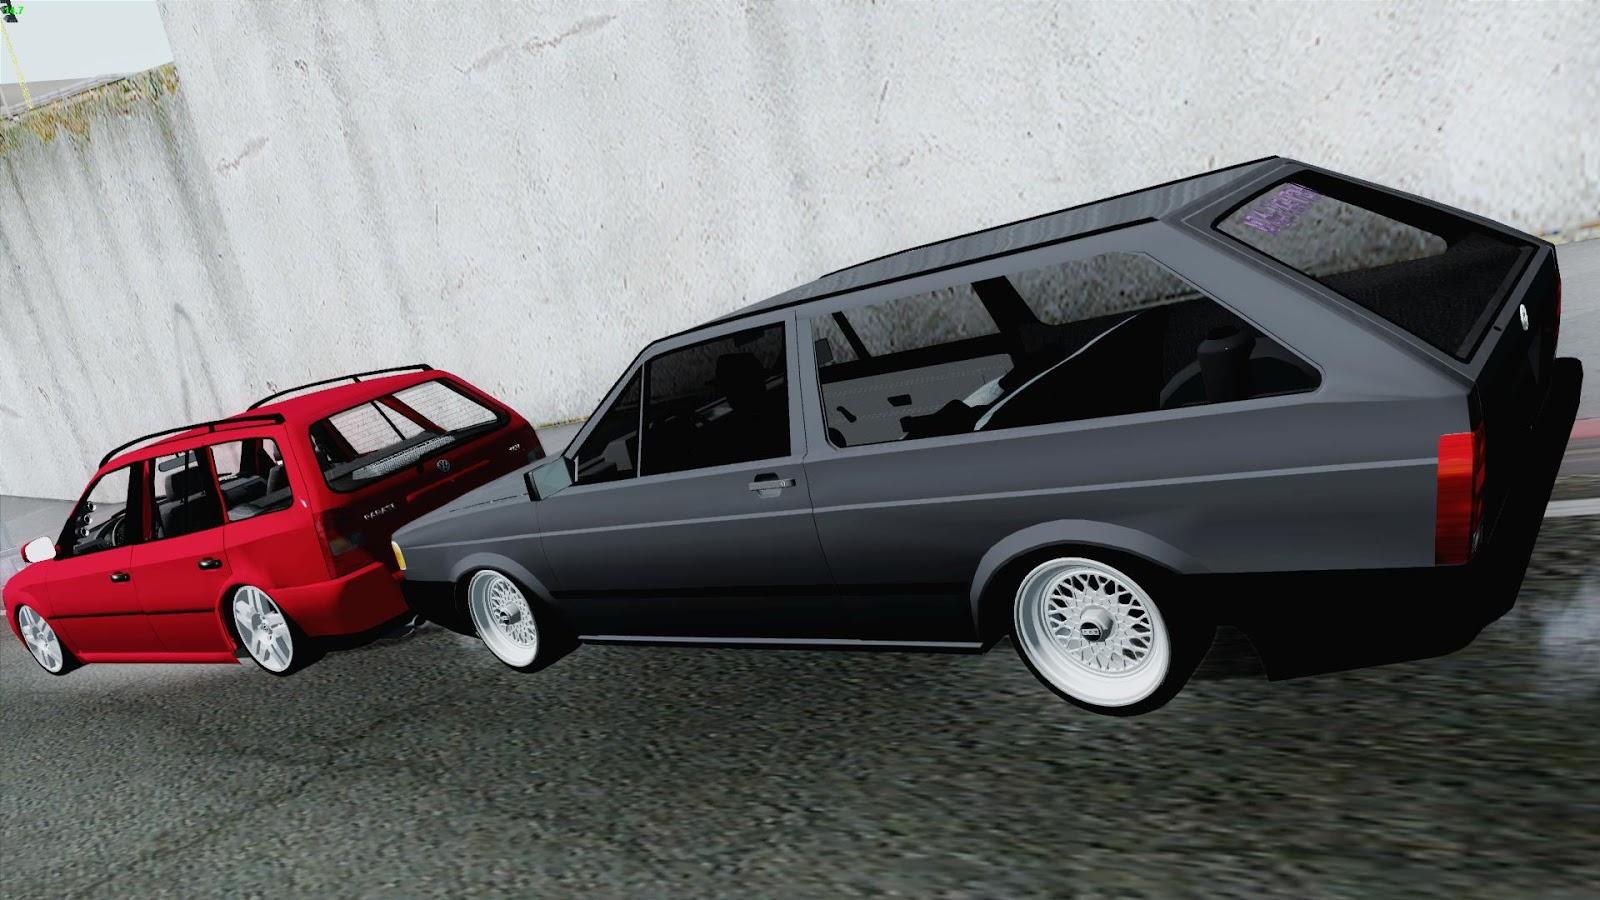 Ekipe Gta Cars 176 ★ Gta Sa Vw Parati G2 Fixa Vinicius 3d